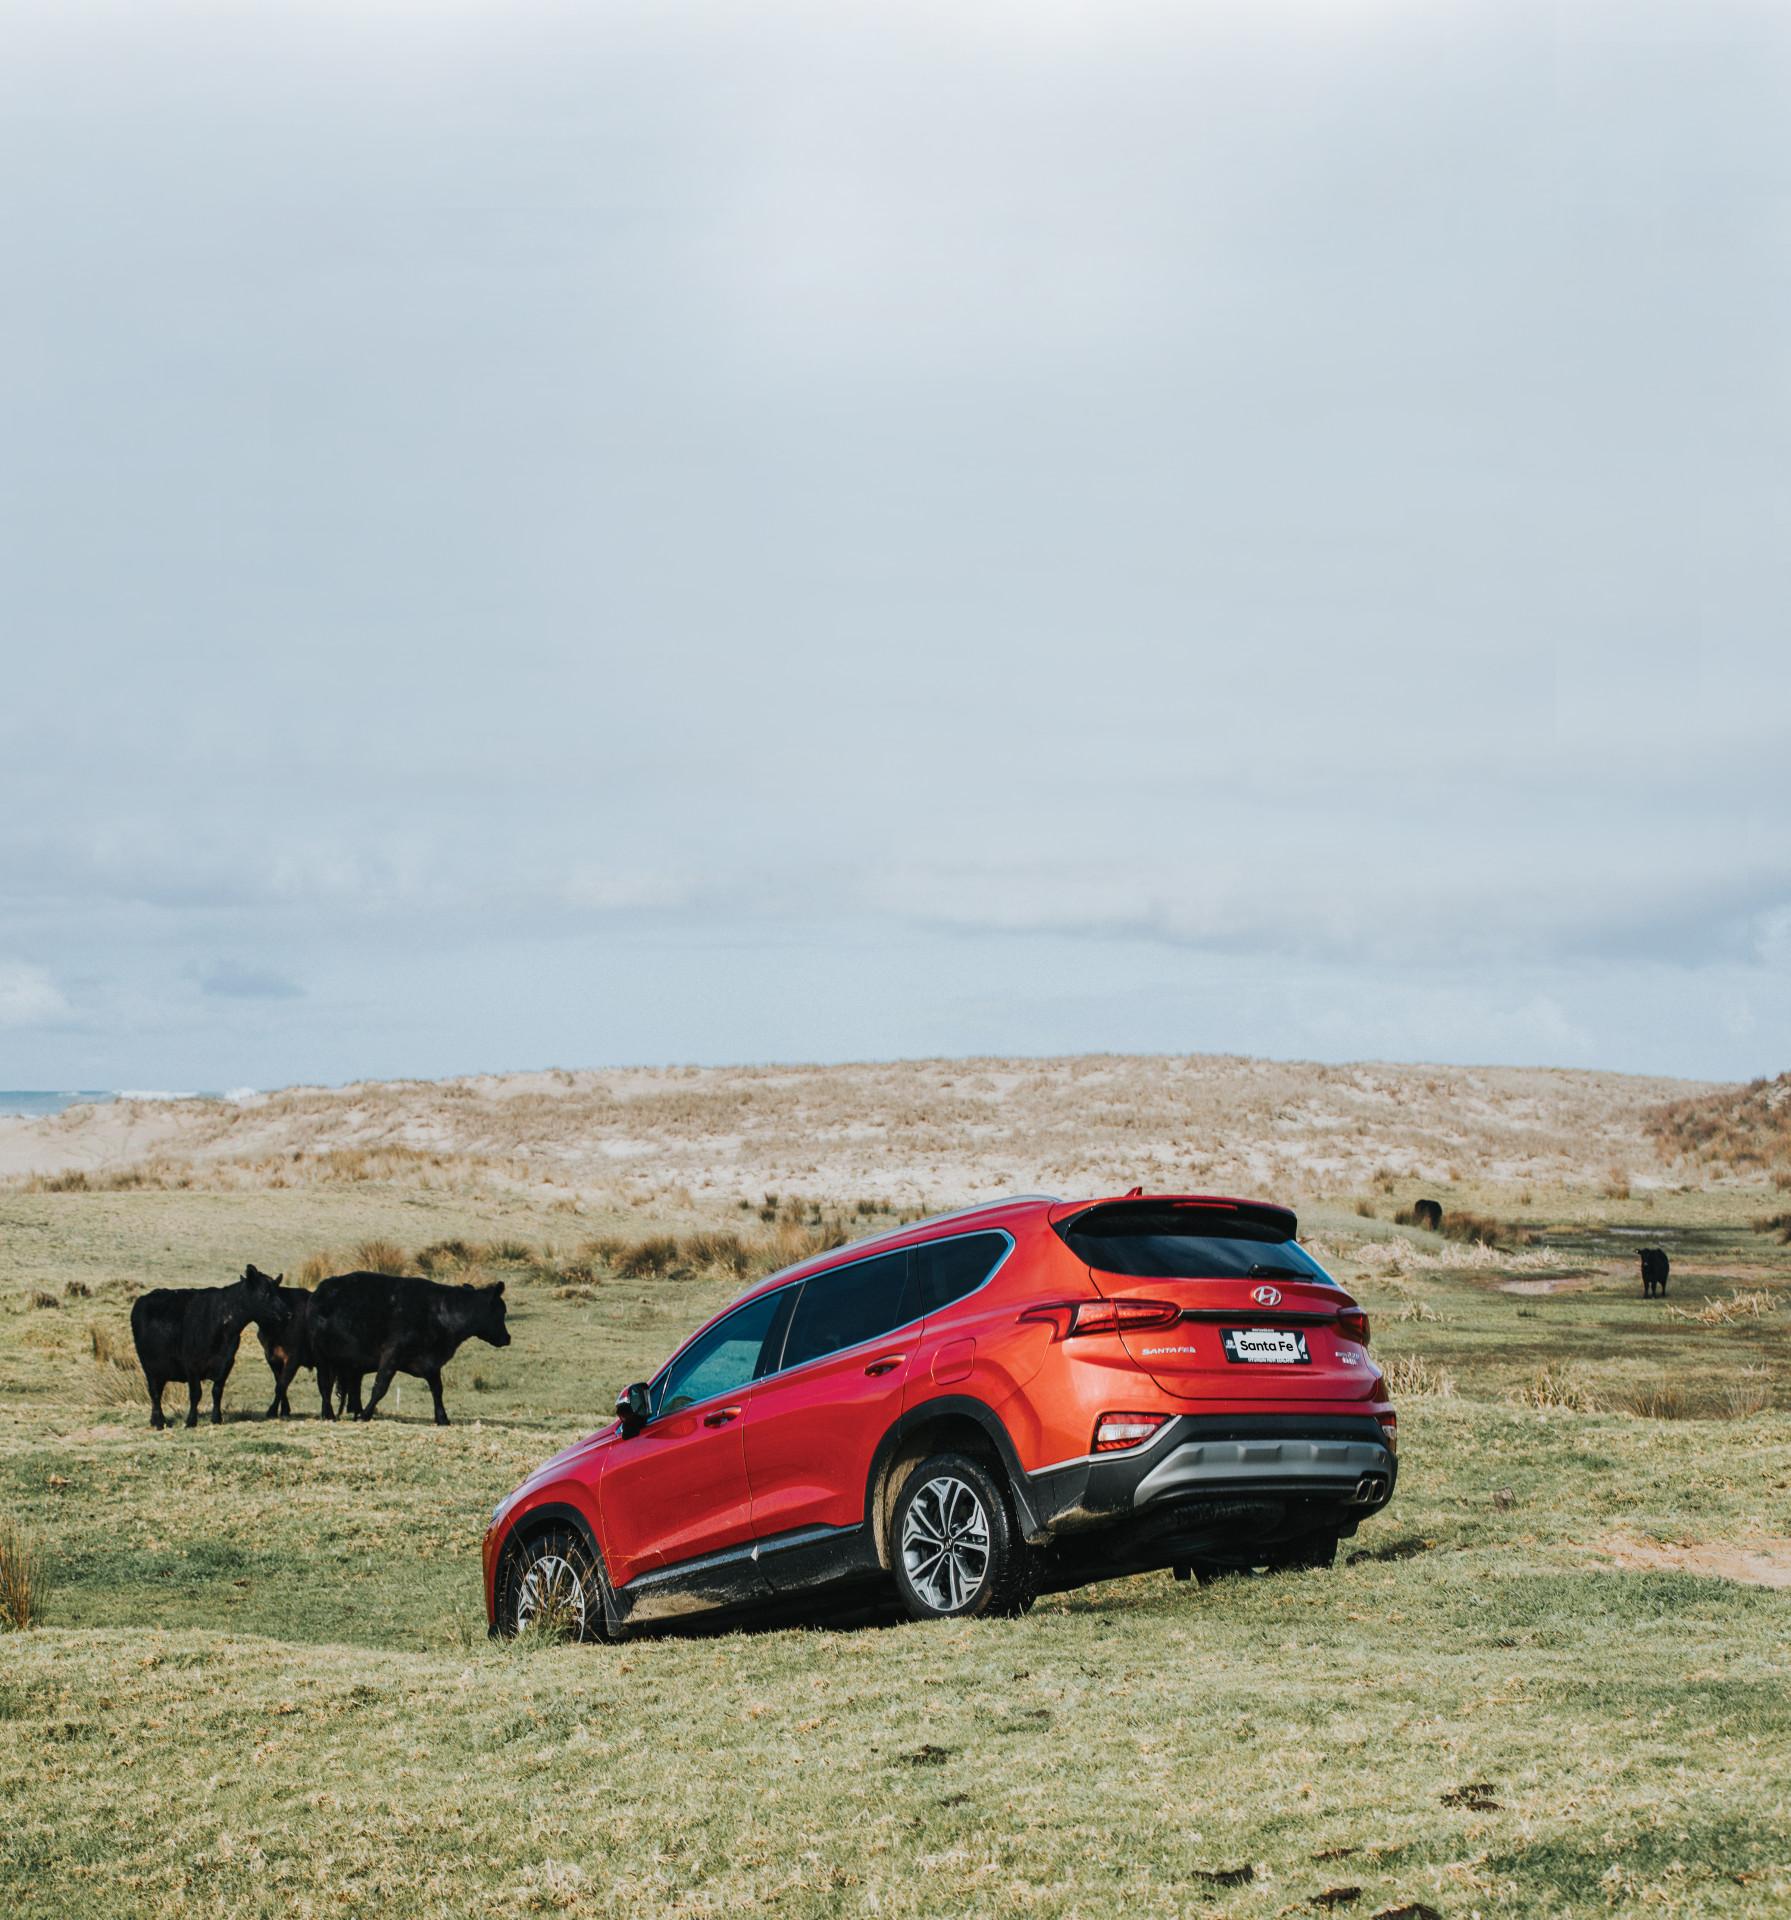 Santa Fe Family 7 Seat SUV